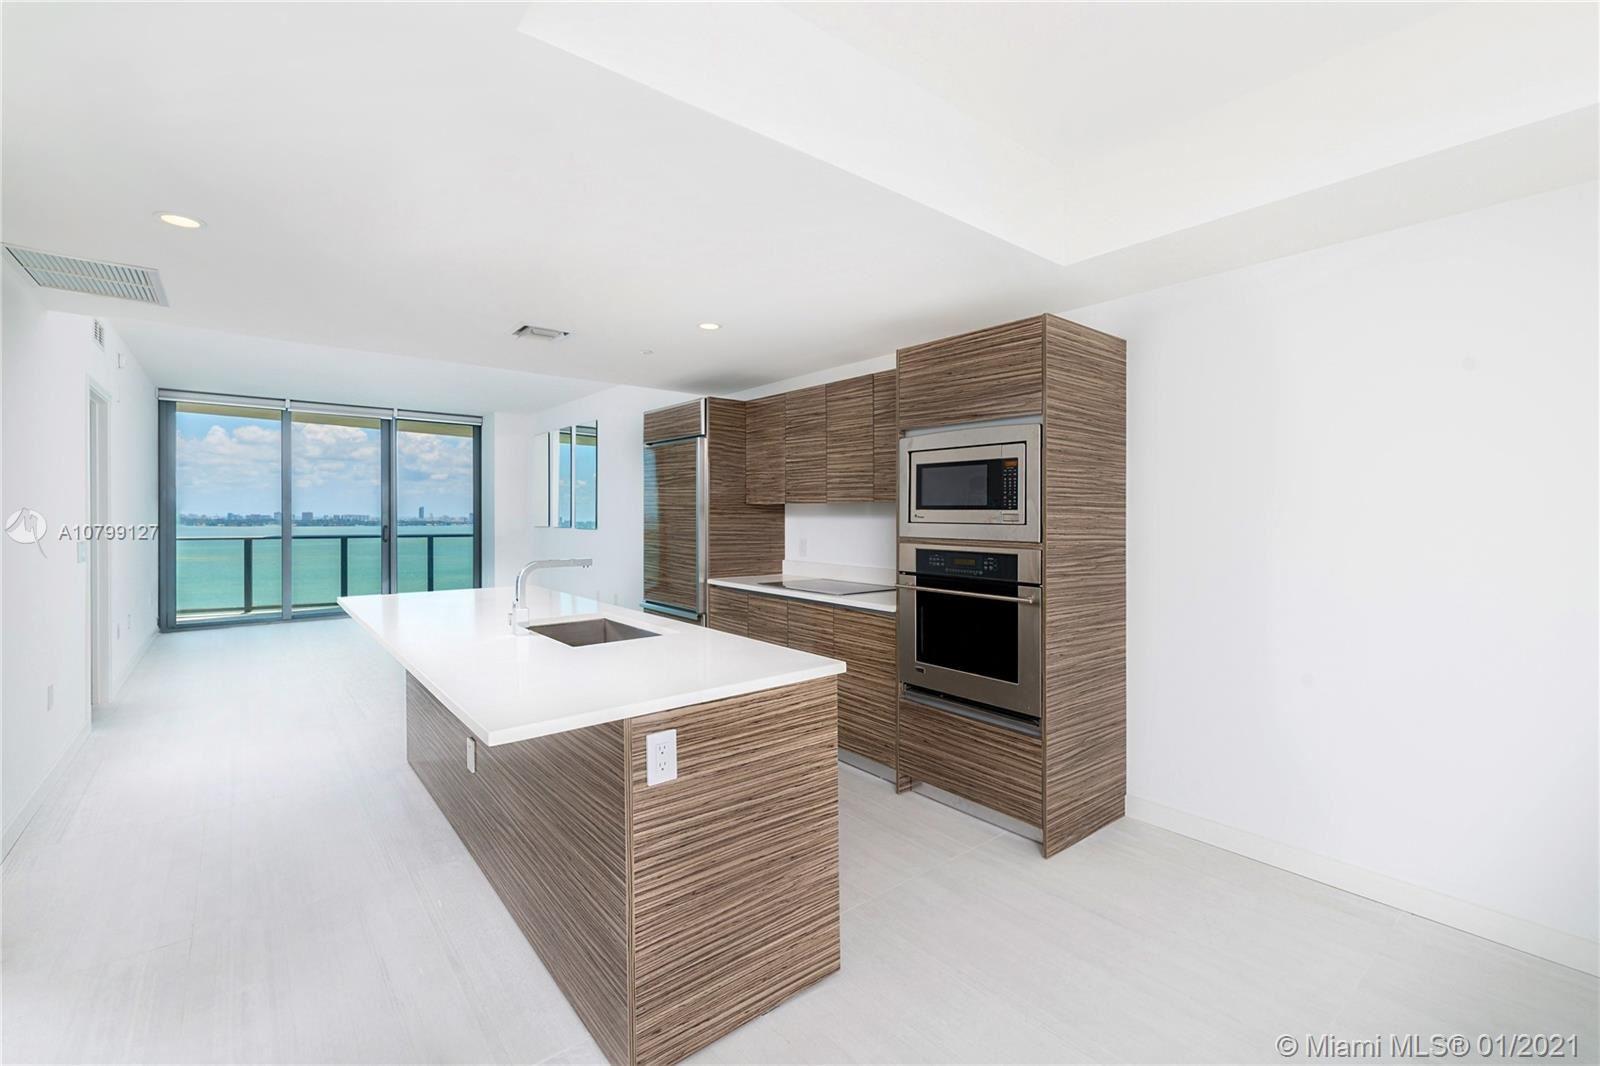 460 NE 28th St #2107, Miami, FL 33137 - #: A10799127